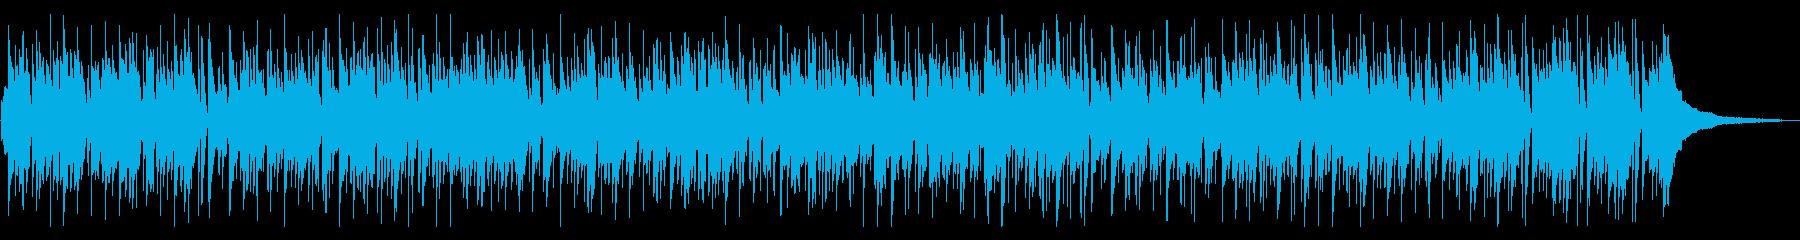 リラックスムードが漂うボサノバの再生済みの波形